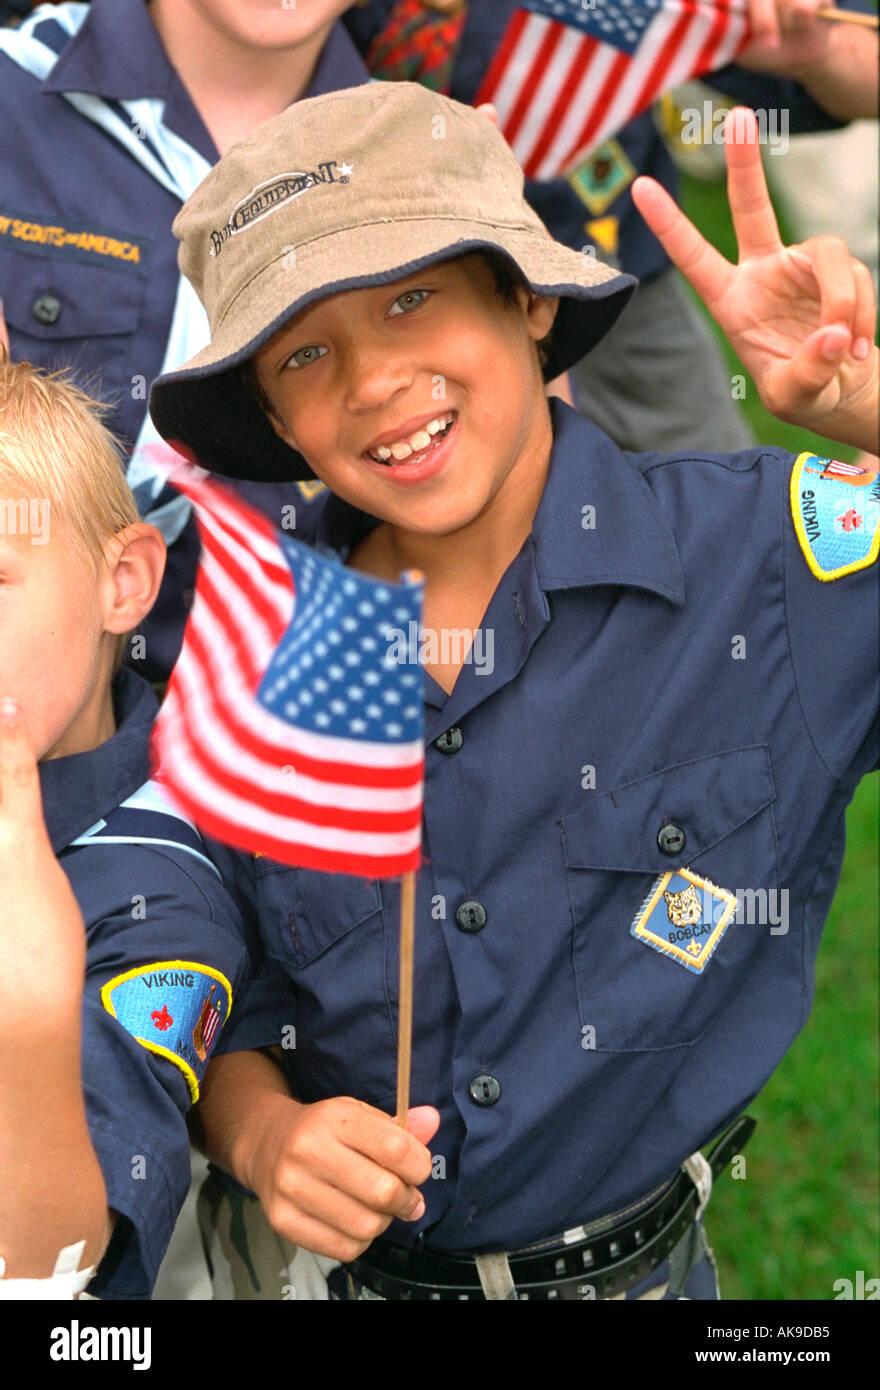 Boy Scout Cub Scout Portrait Stock Photos & Boy Scout Cub